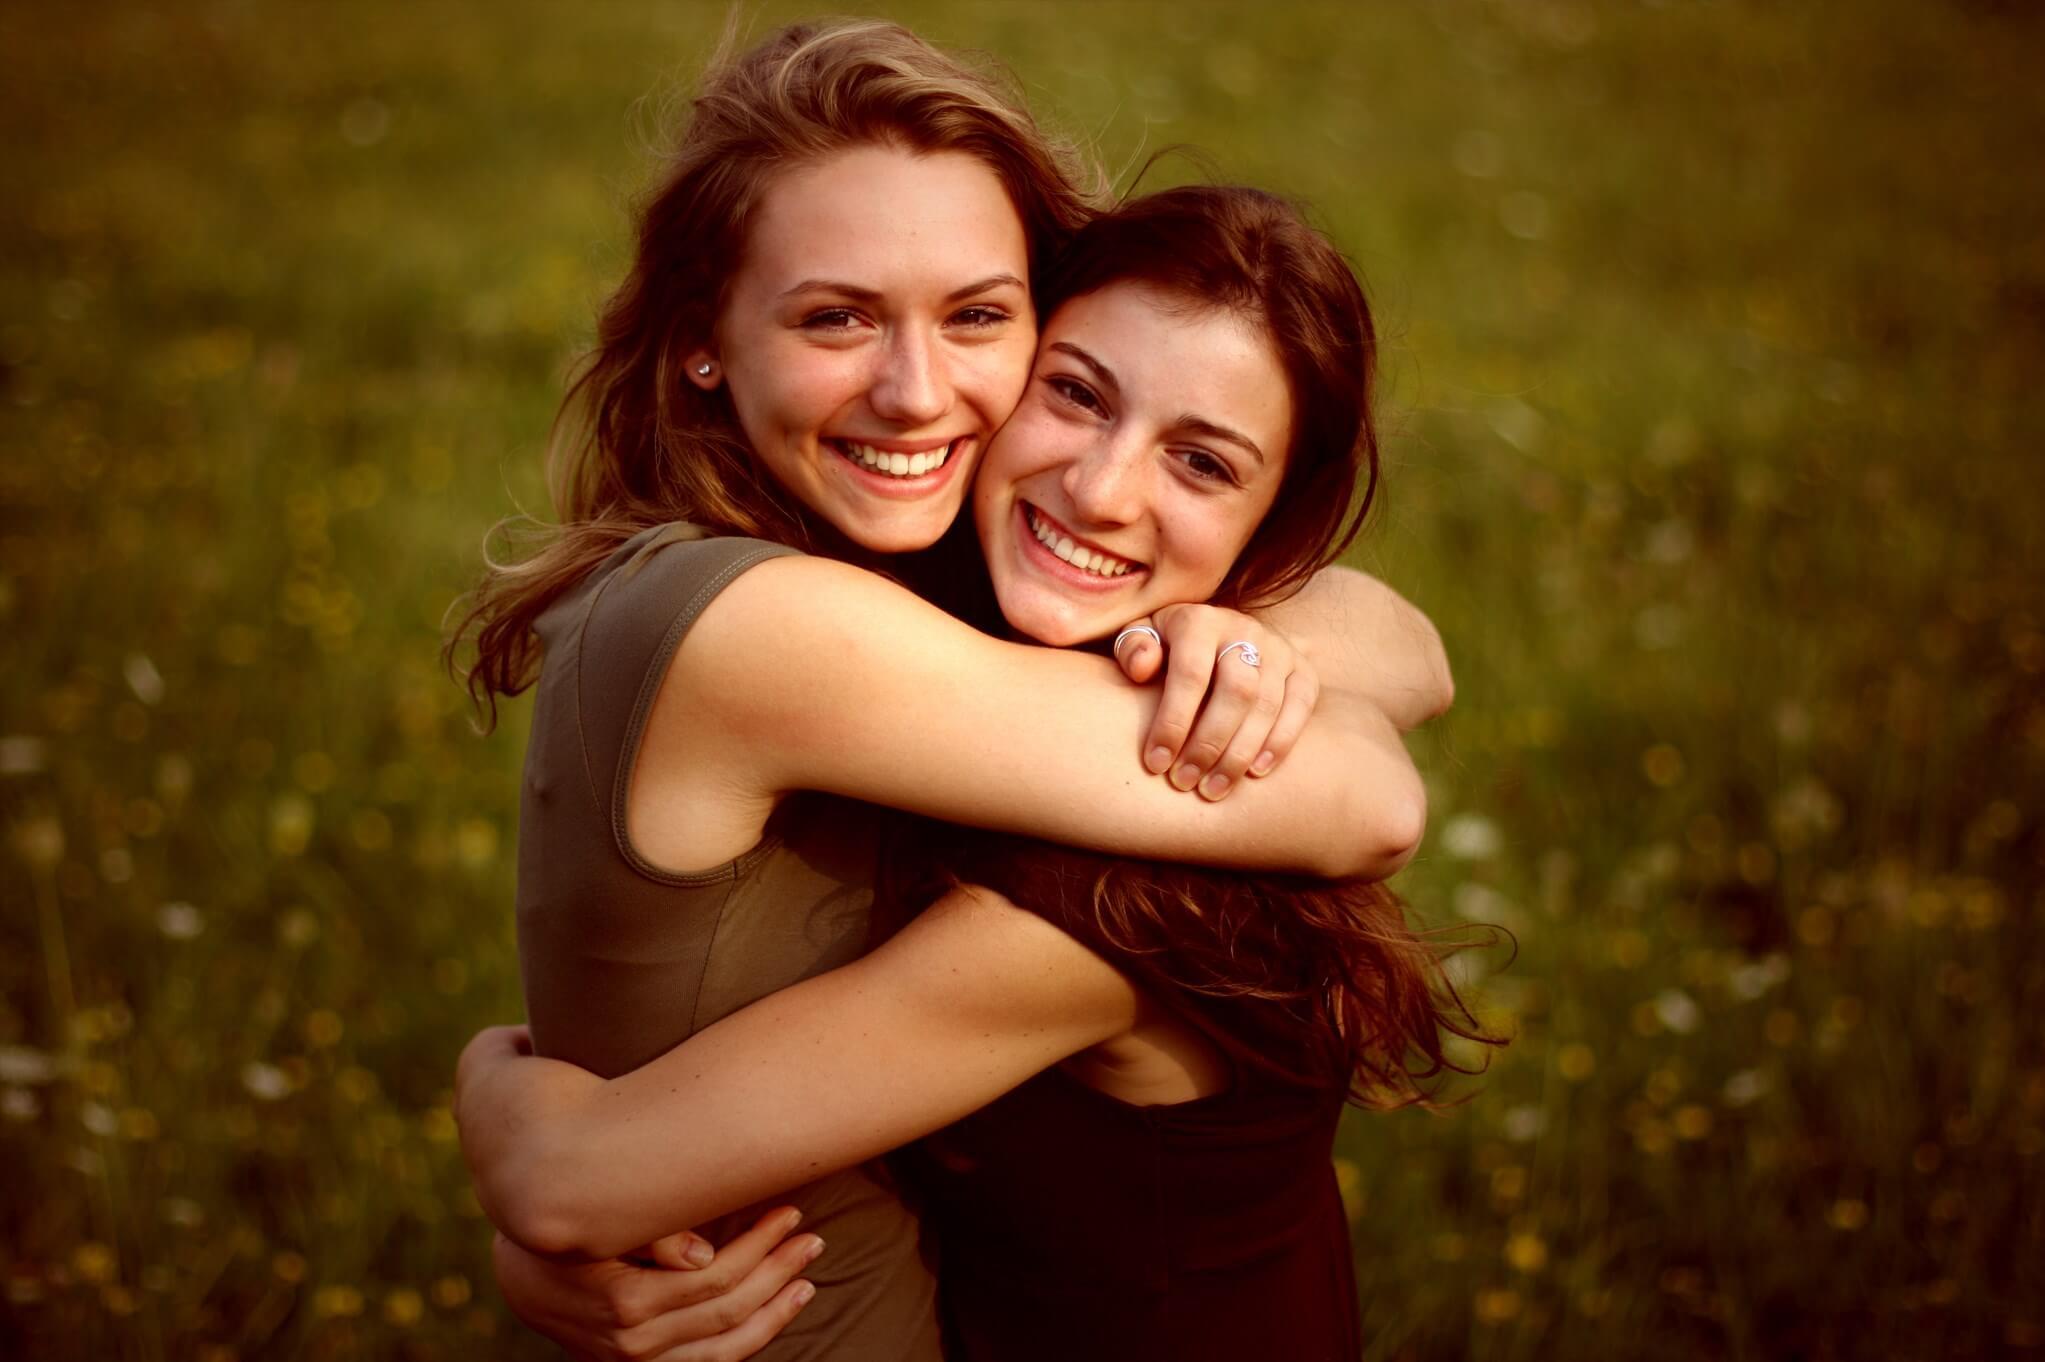 Картинки лучшие подруги приветливые лица